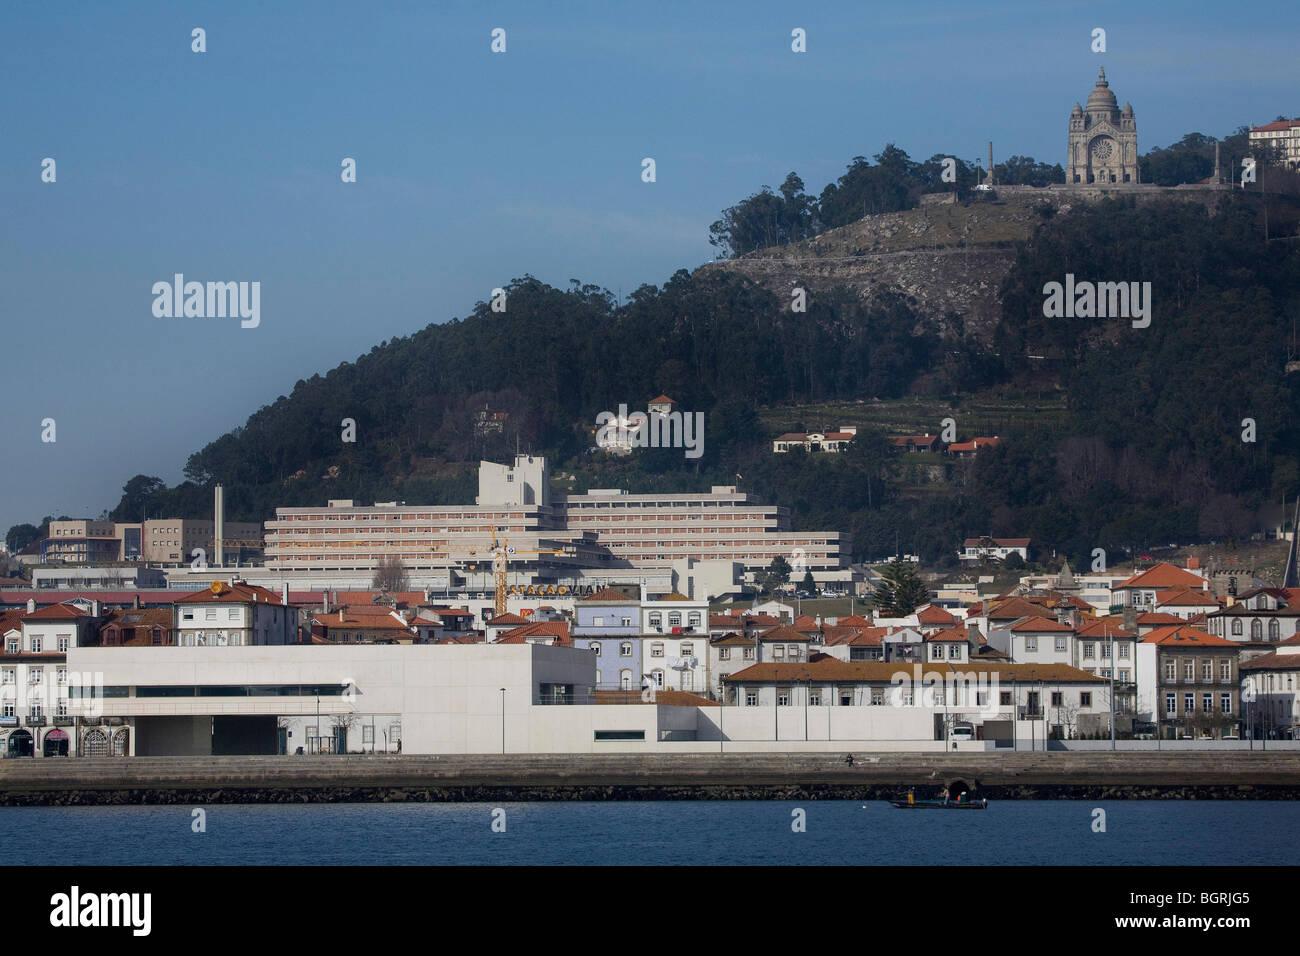 Municipal library viana do castelo portugal alvaro siza - Viana do castelo portugal ...